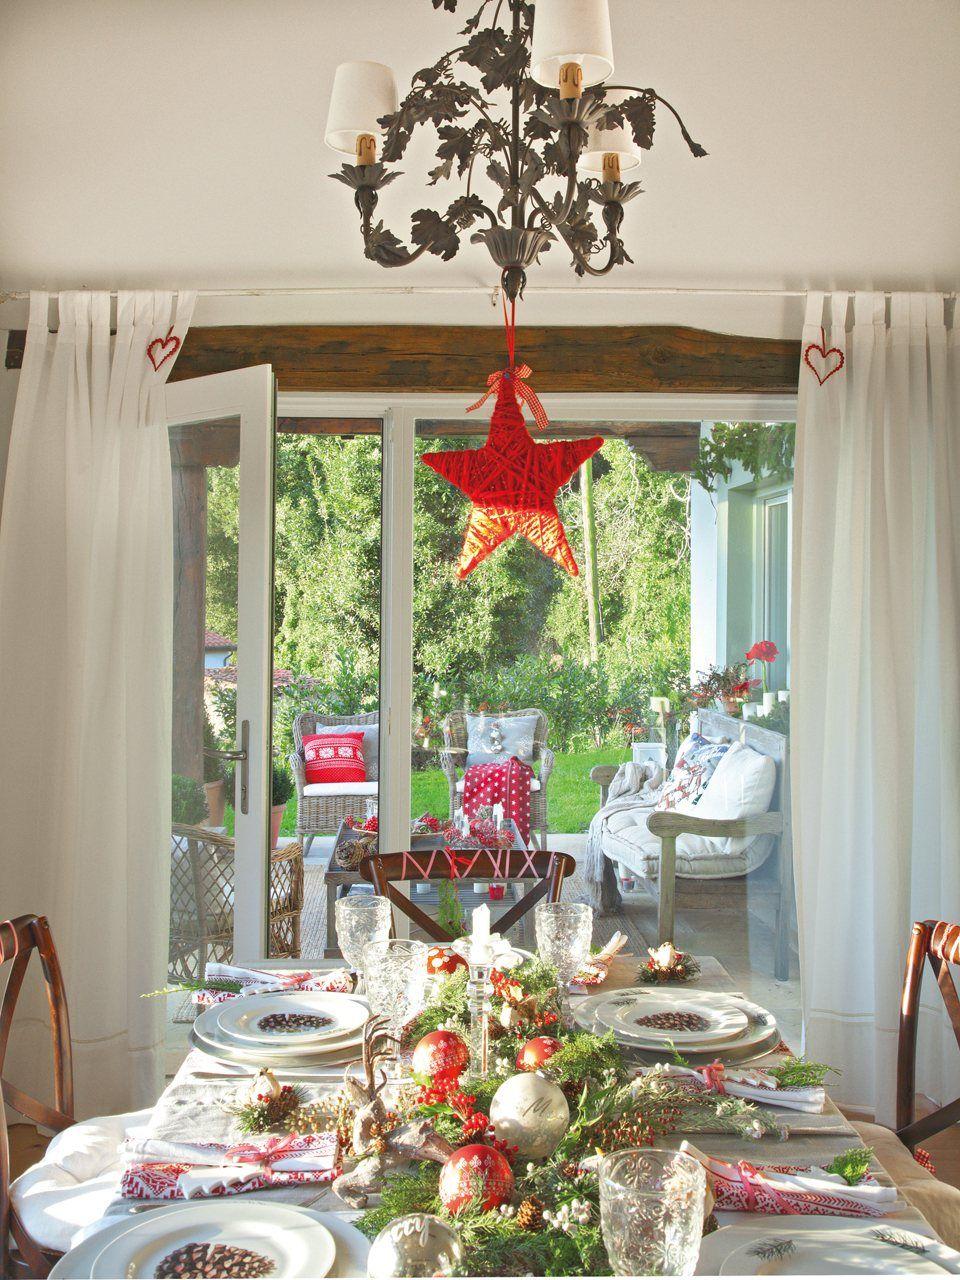 Un d a lleno de magia adornar la casa de navidad - Adornar la casa en navidad ...